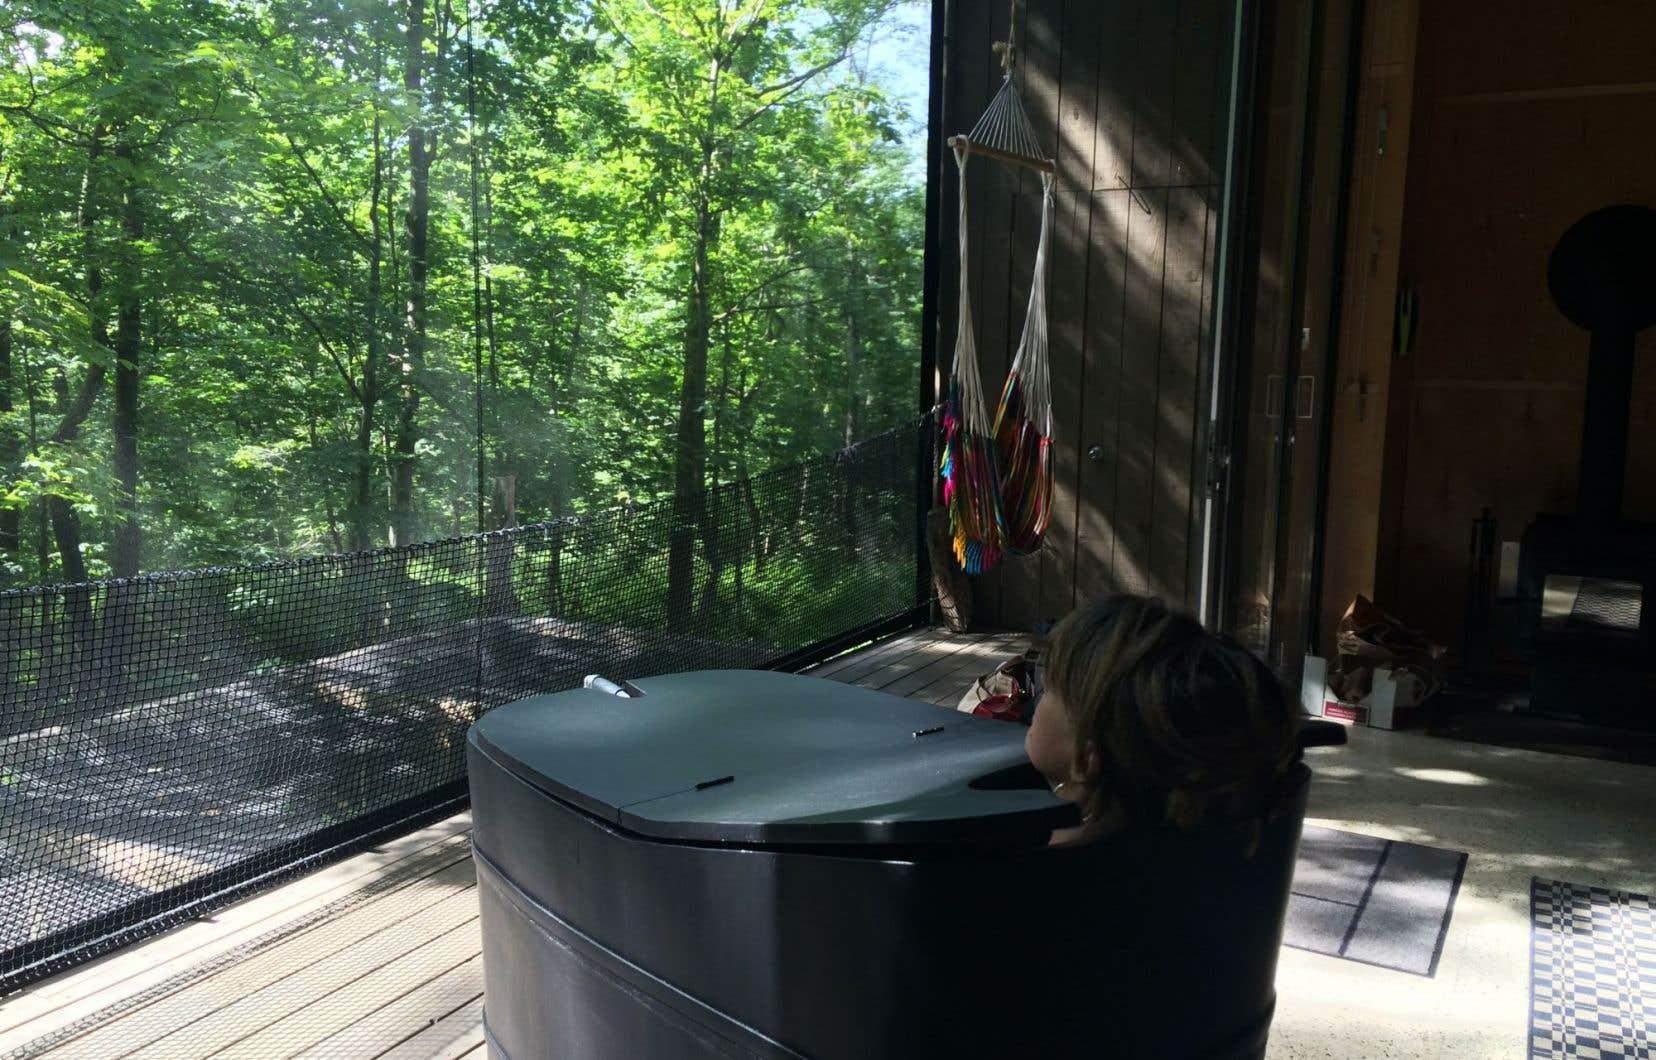 Jacuzzi style zen. Prendre un bain d'oxygène et de vert dans les microchalets Zoobox est une expérience totalement intégrée à la nature.